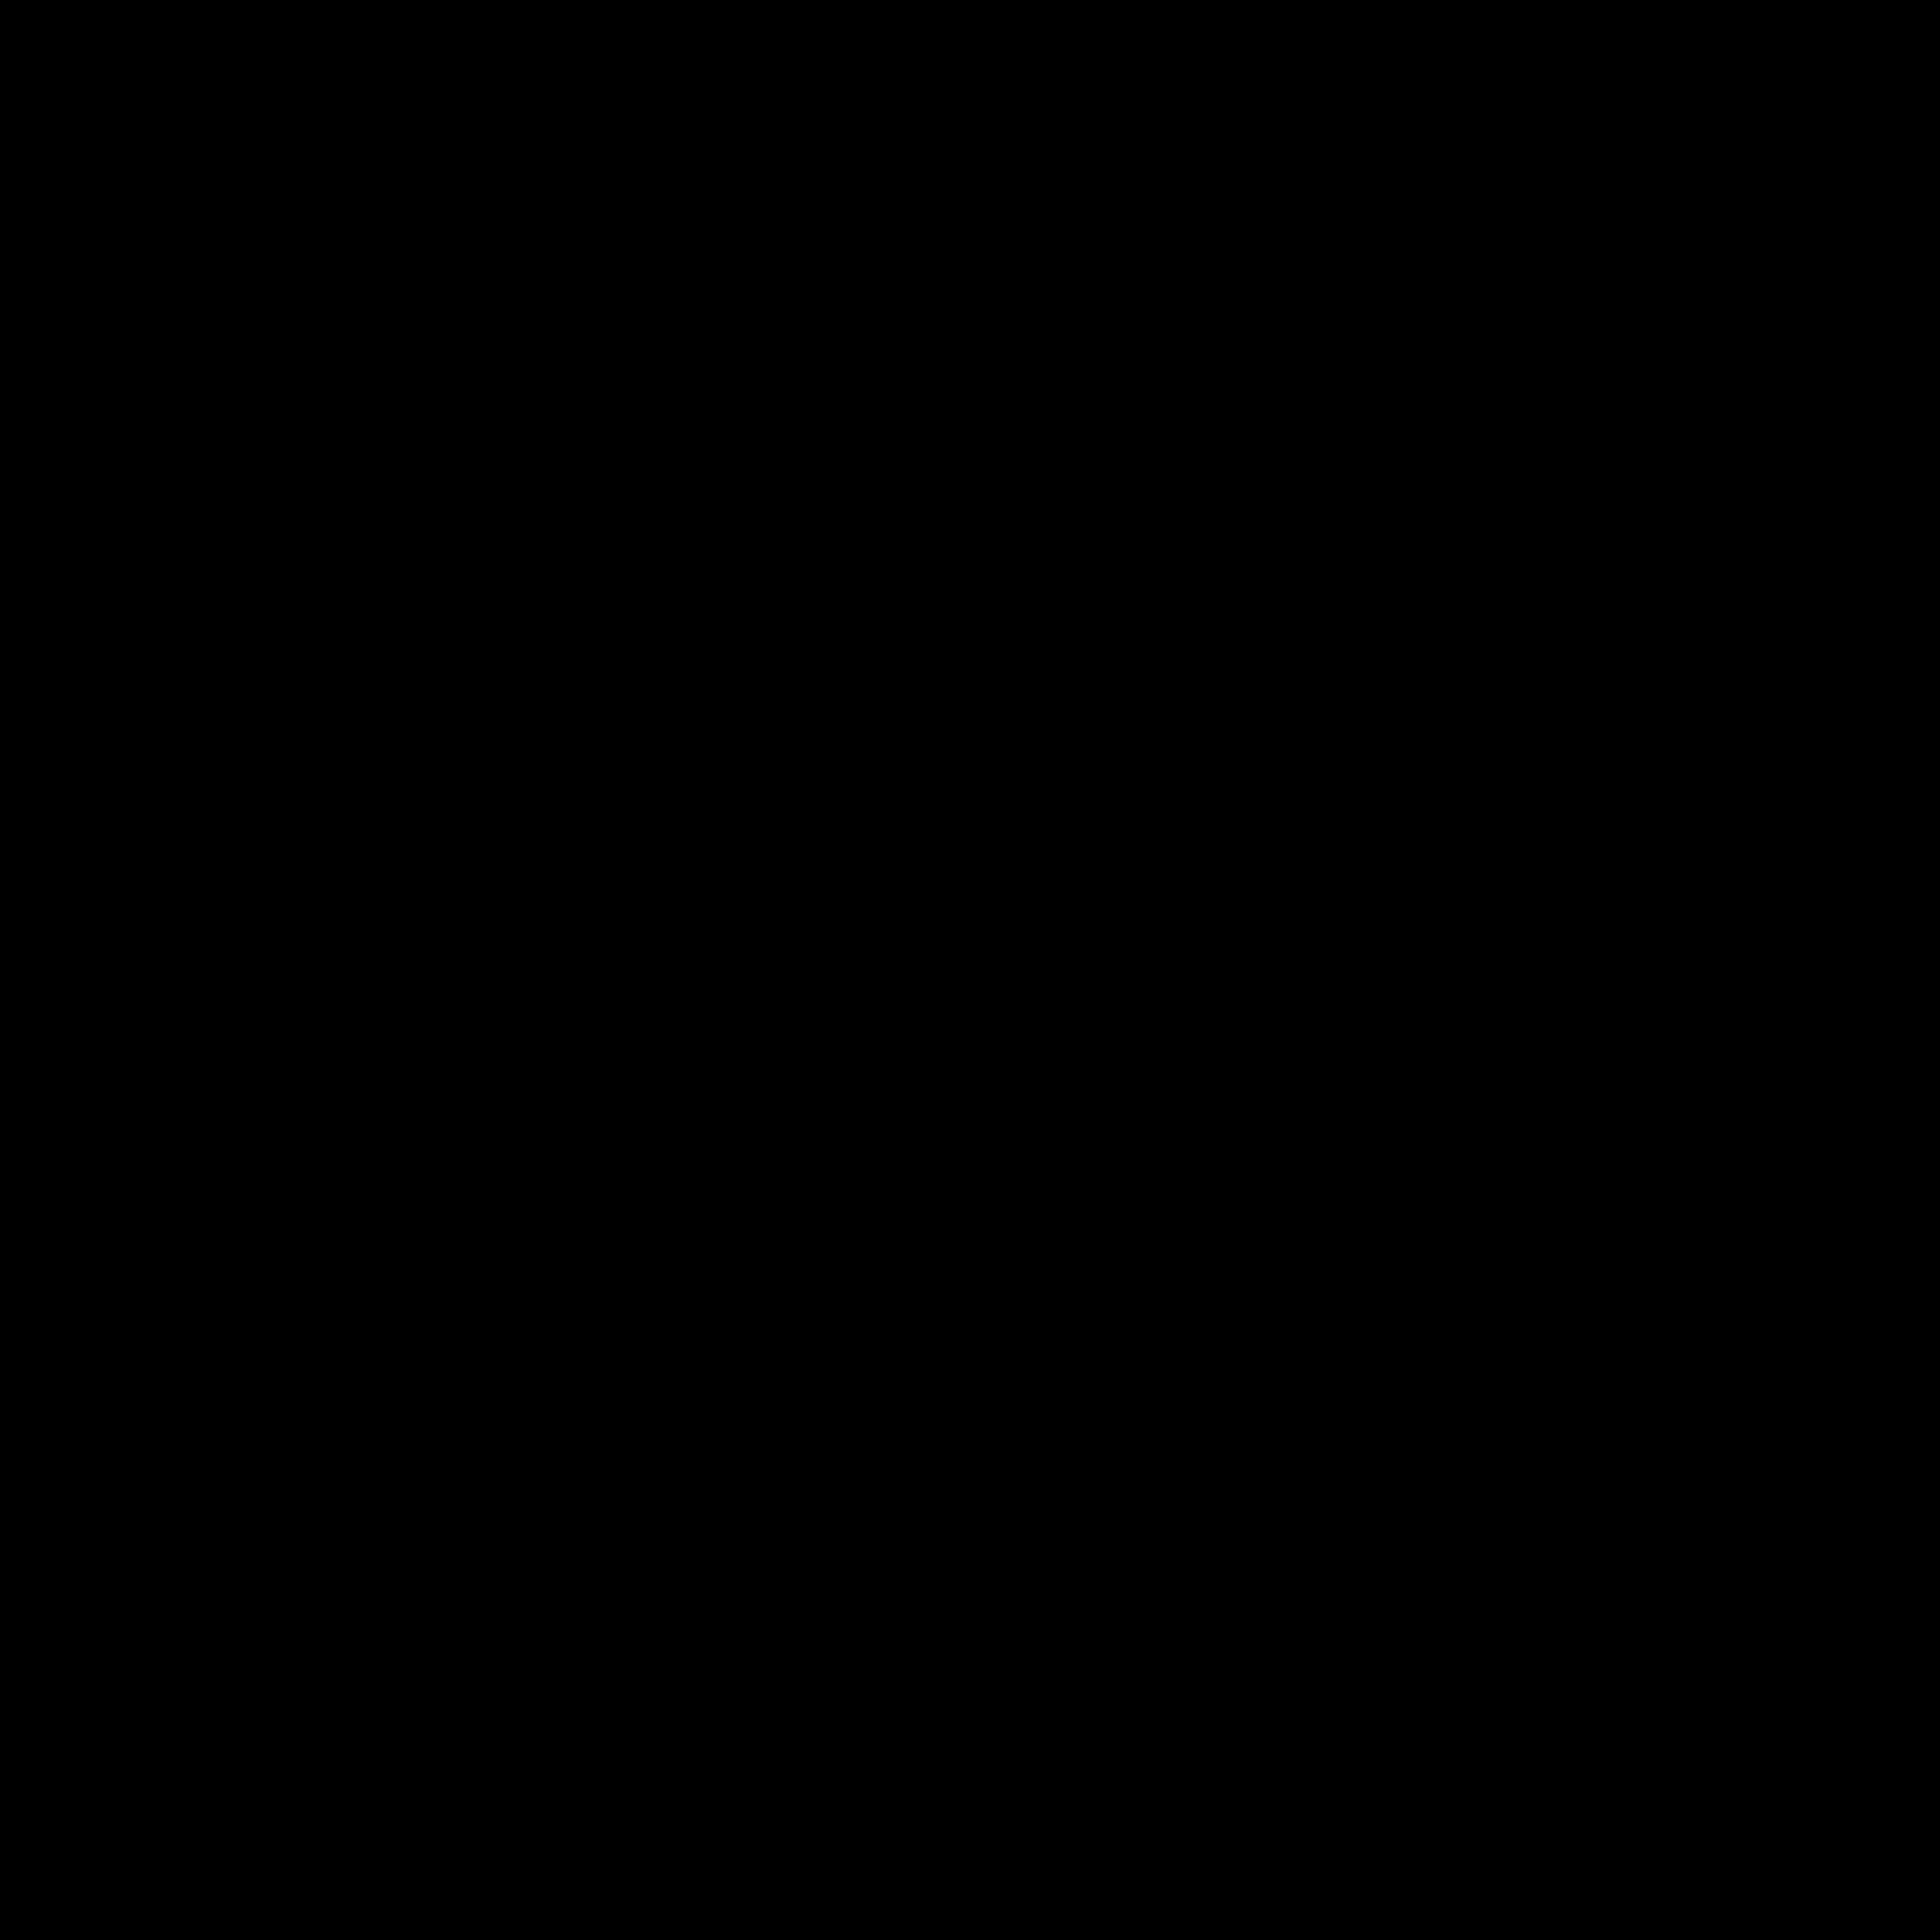 Cross clip art decorative cross. Clipart ornamental divider big